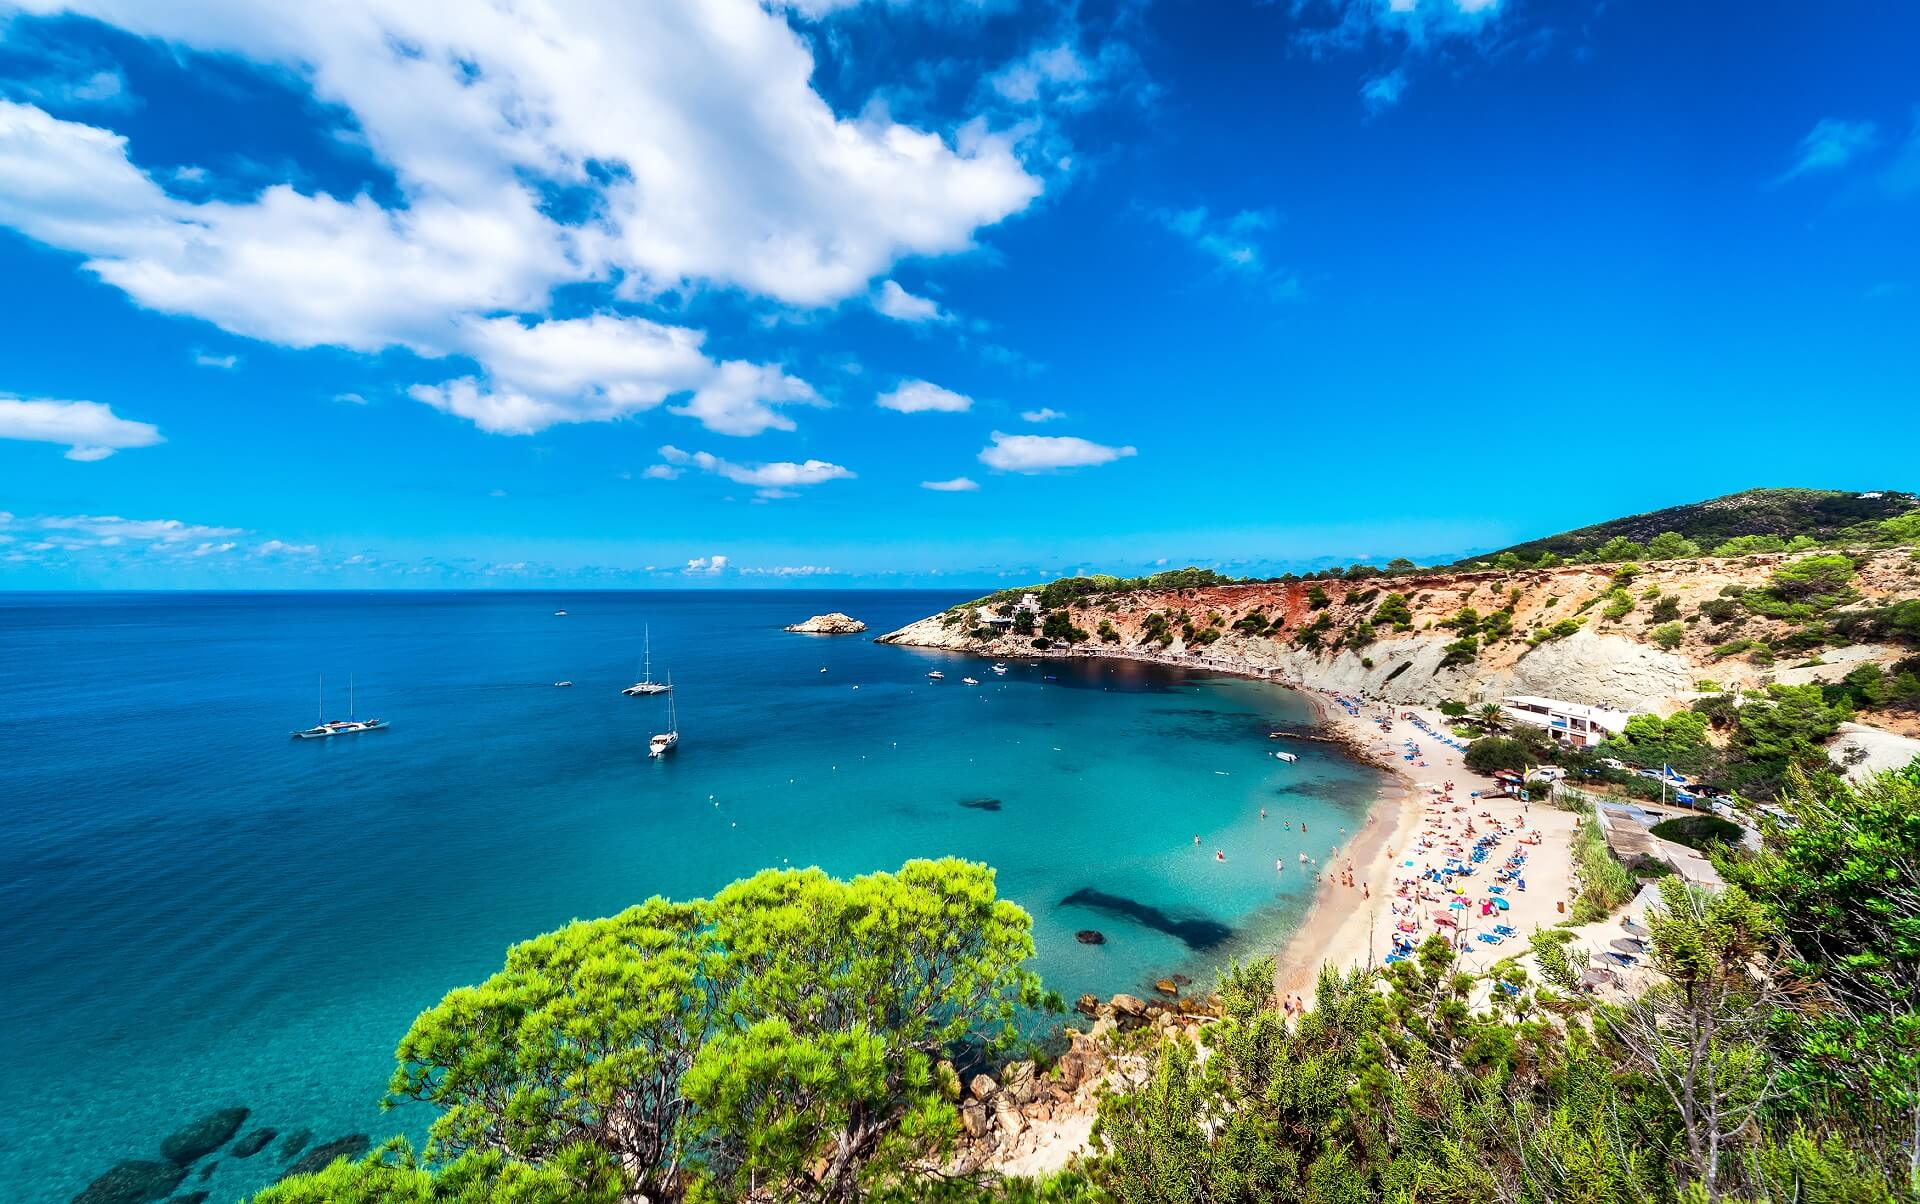 Der Strand Cala d'Hort gehört zu den schönsten Stränden Ibizas